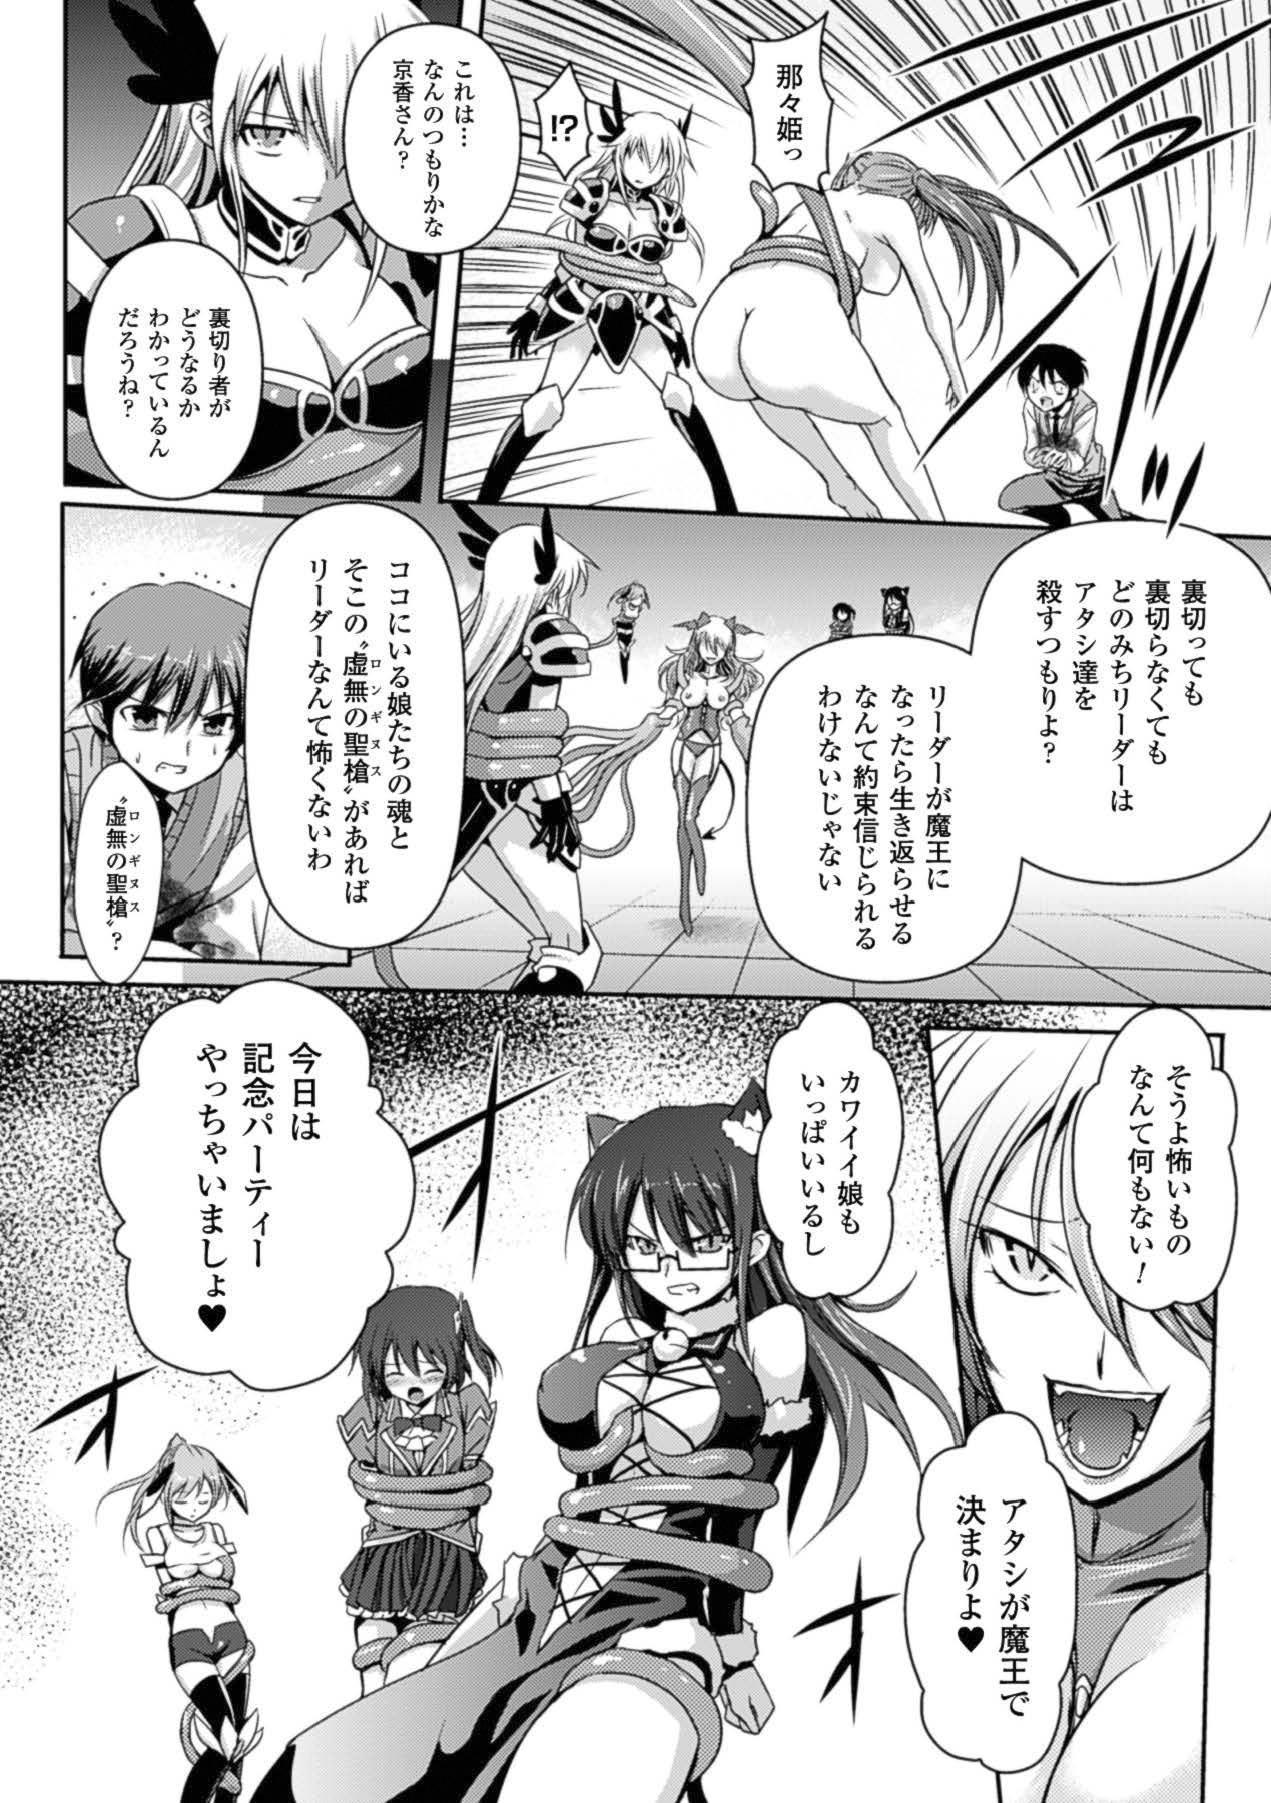 [Tokimaru Yoshihisa]Shakkou no Anti-Genesis Ch. 1-7 131